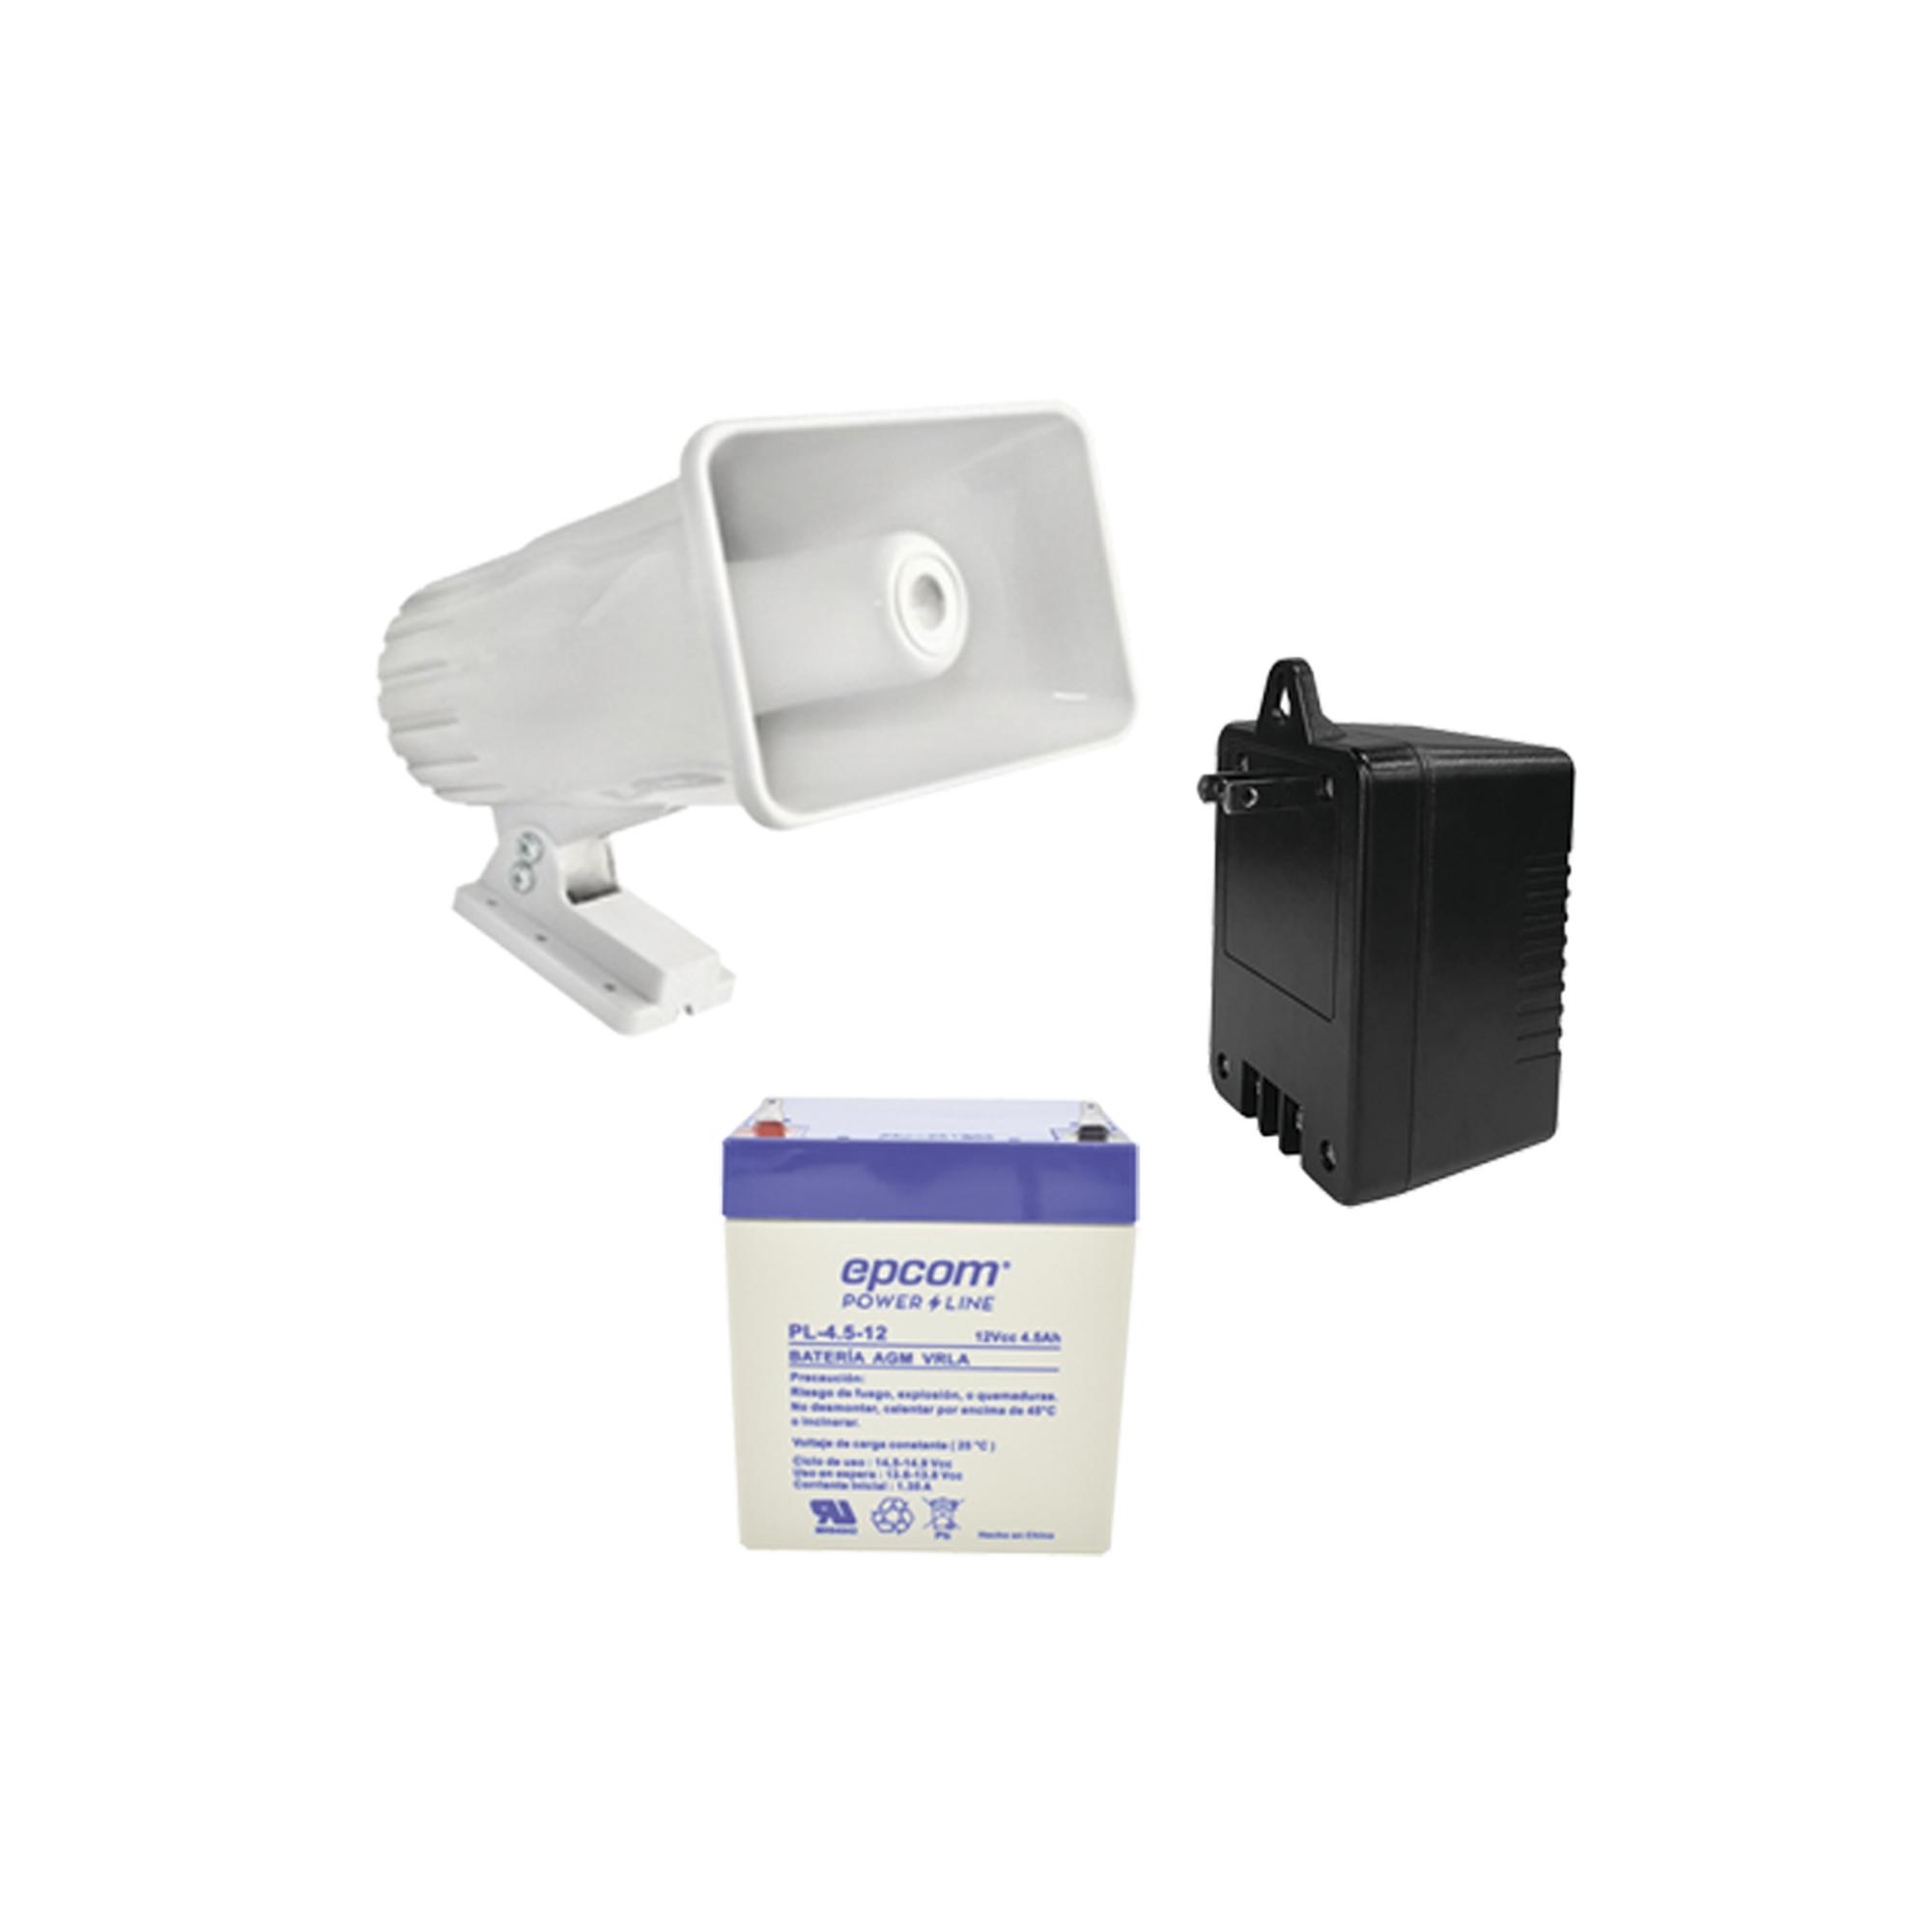 Kit de accesorios con Bateria 4Ah, Transformador 16.5Vca y Sirena de 30 Watts